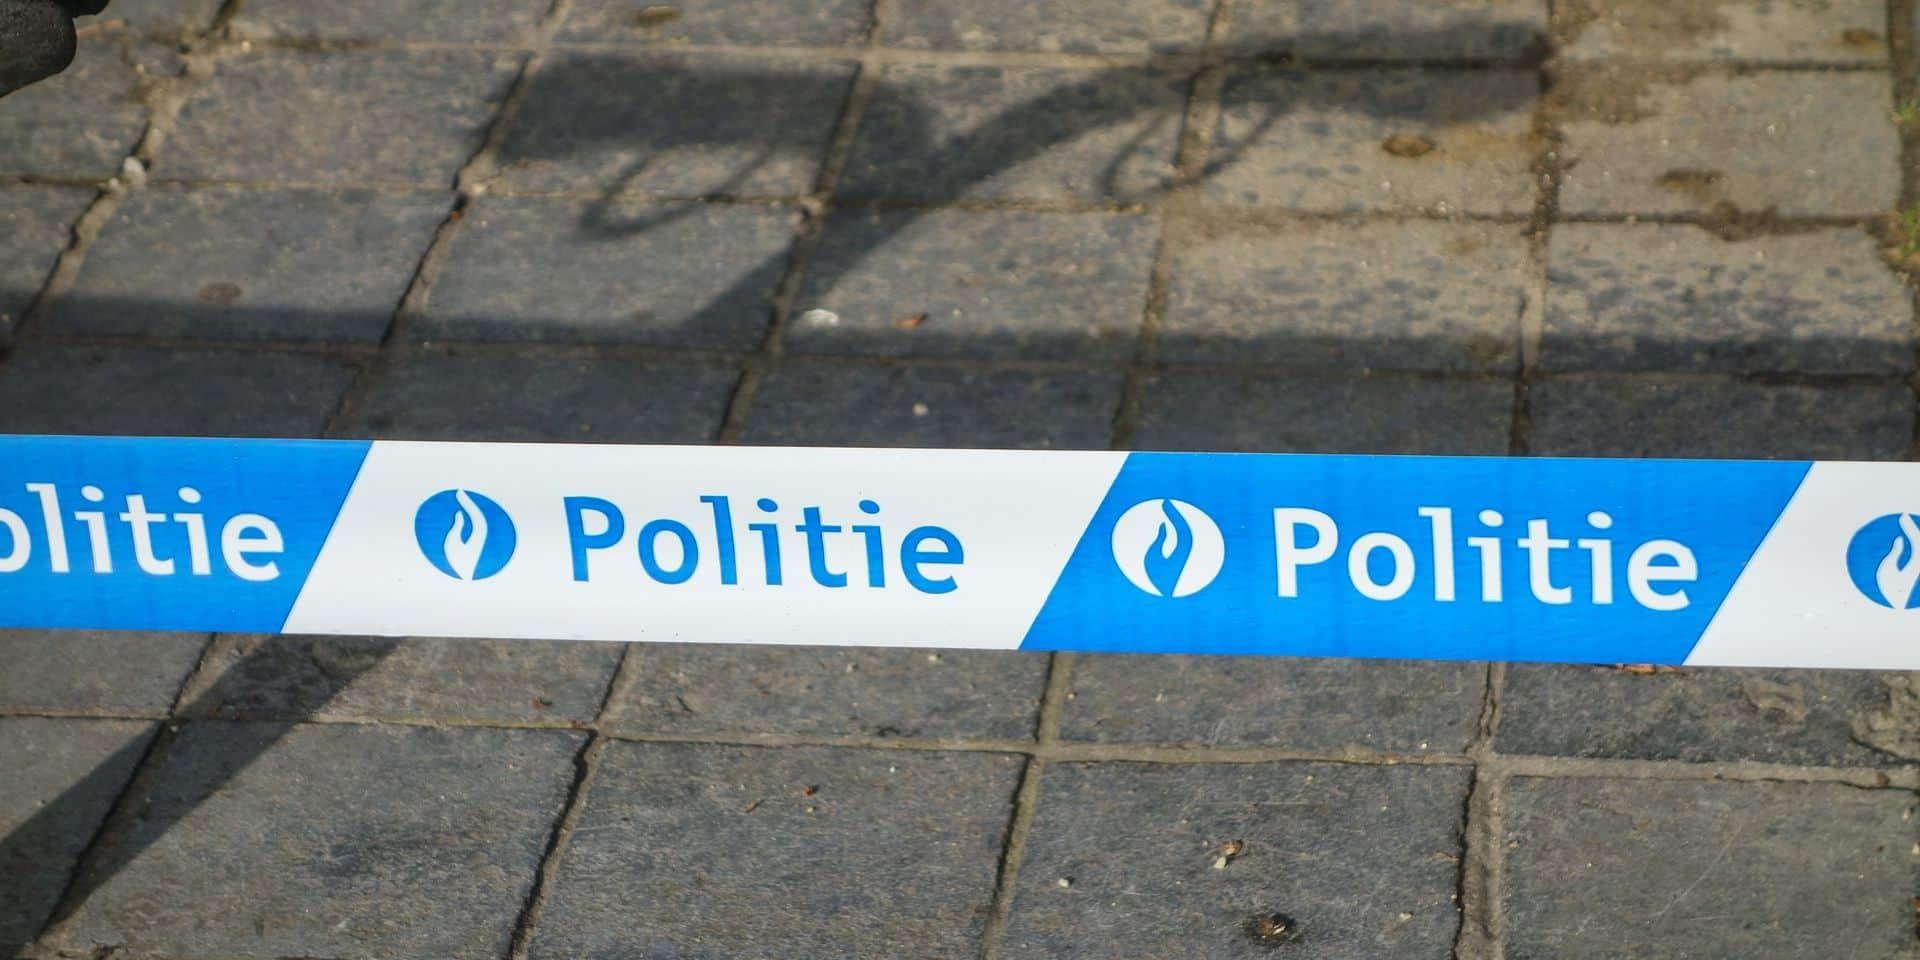 Un suspect interpellé pour une fausse alerte à la bombe dans une école primaire en Flandre